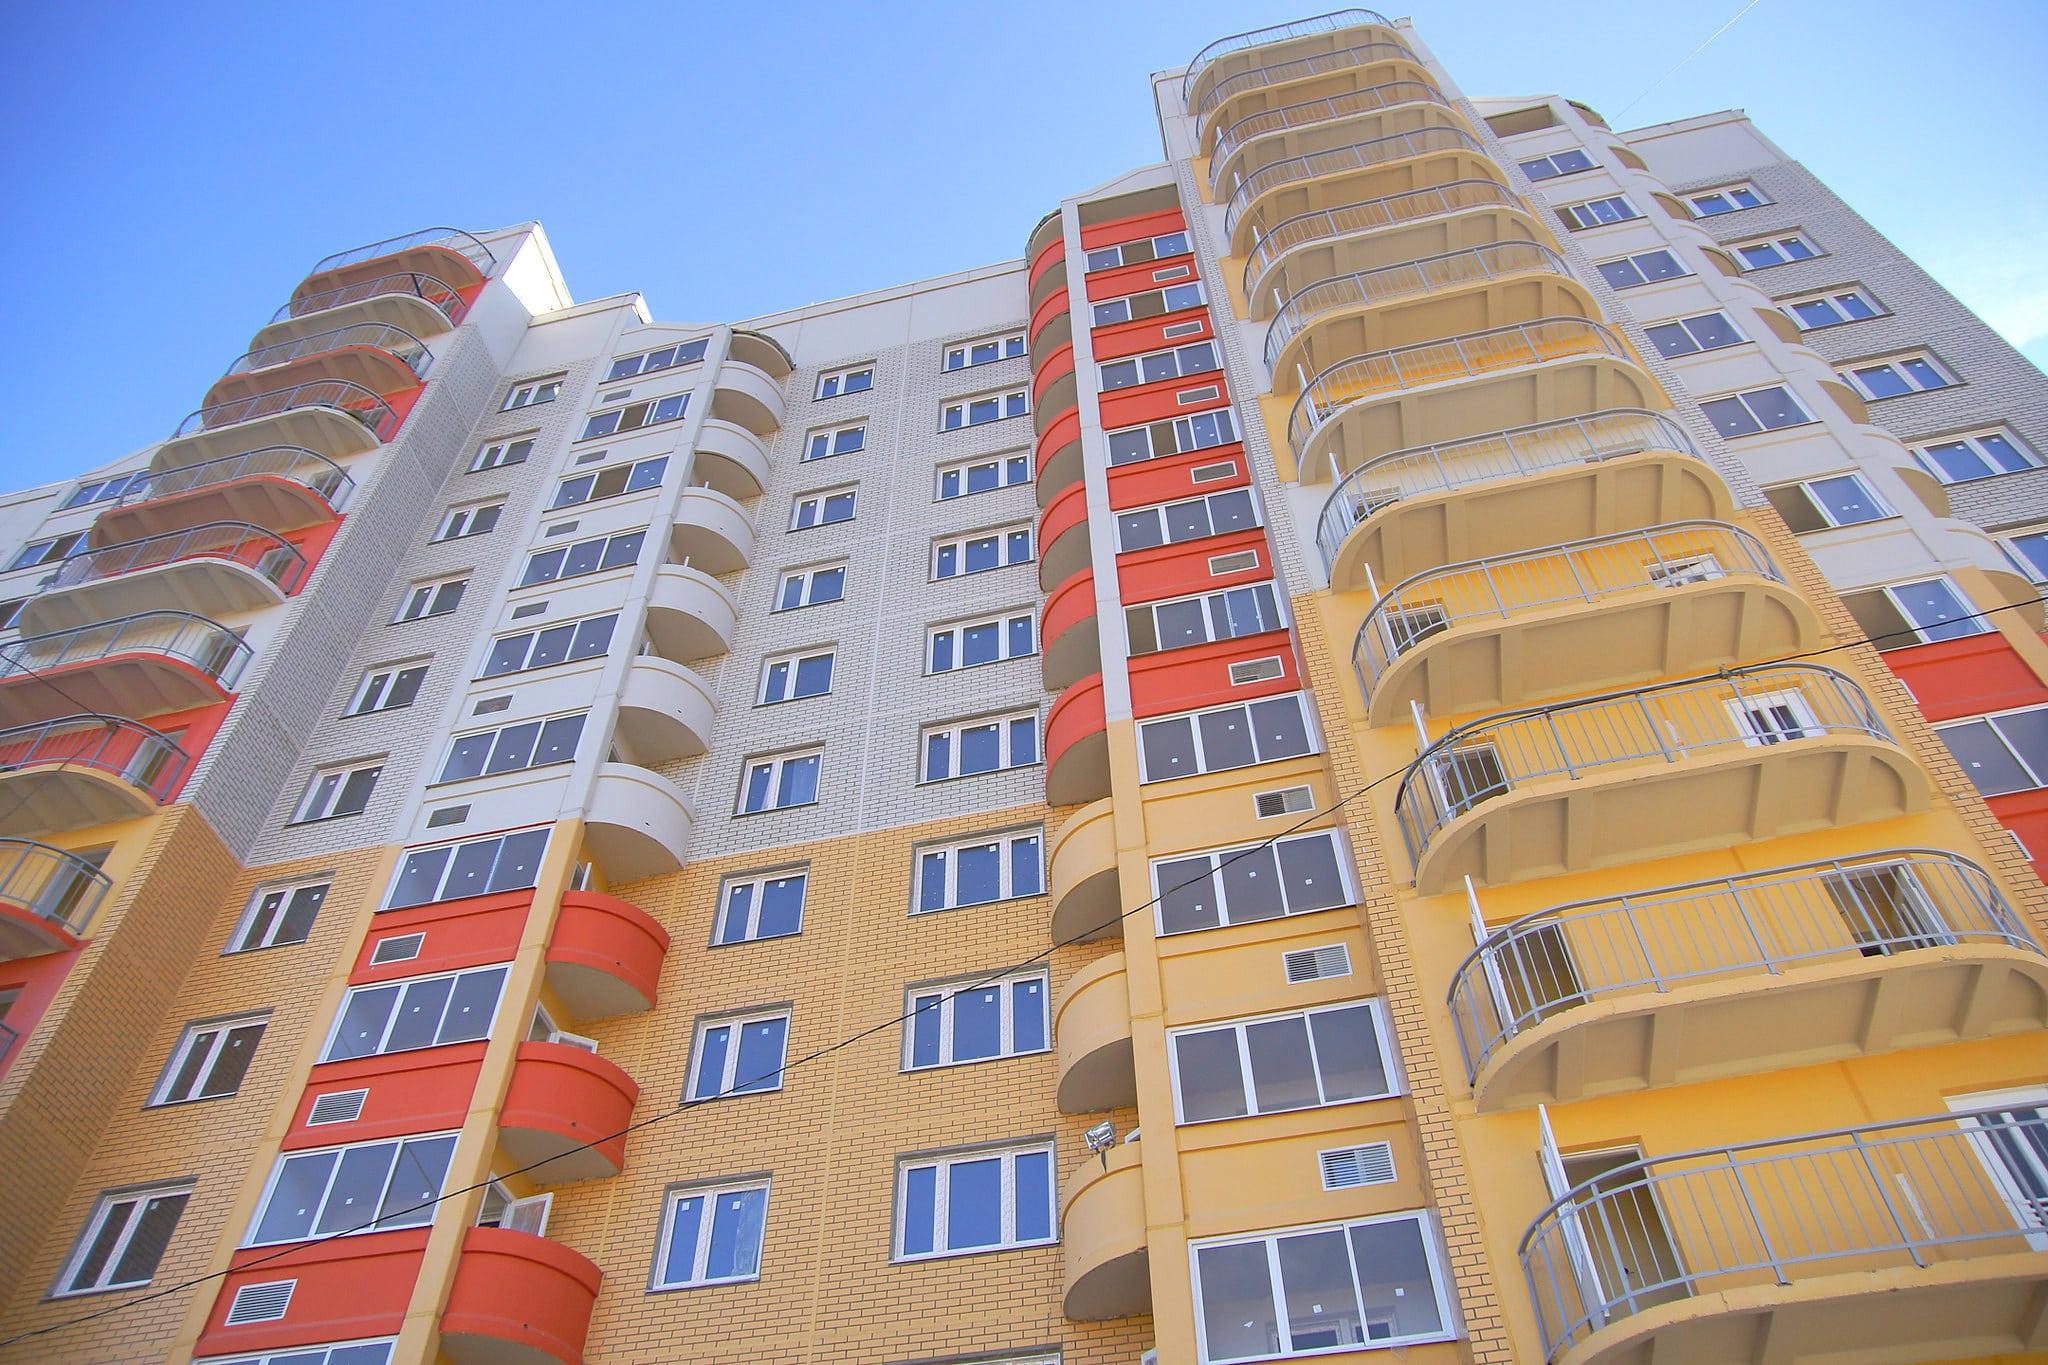 Двое детей = 2 миллиона: аналитики подсчитали помощь семье при покупке квартиры со всеми льготами